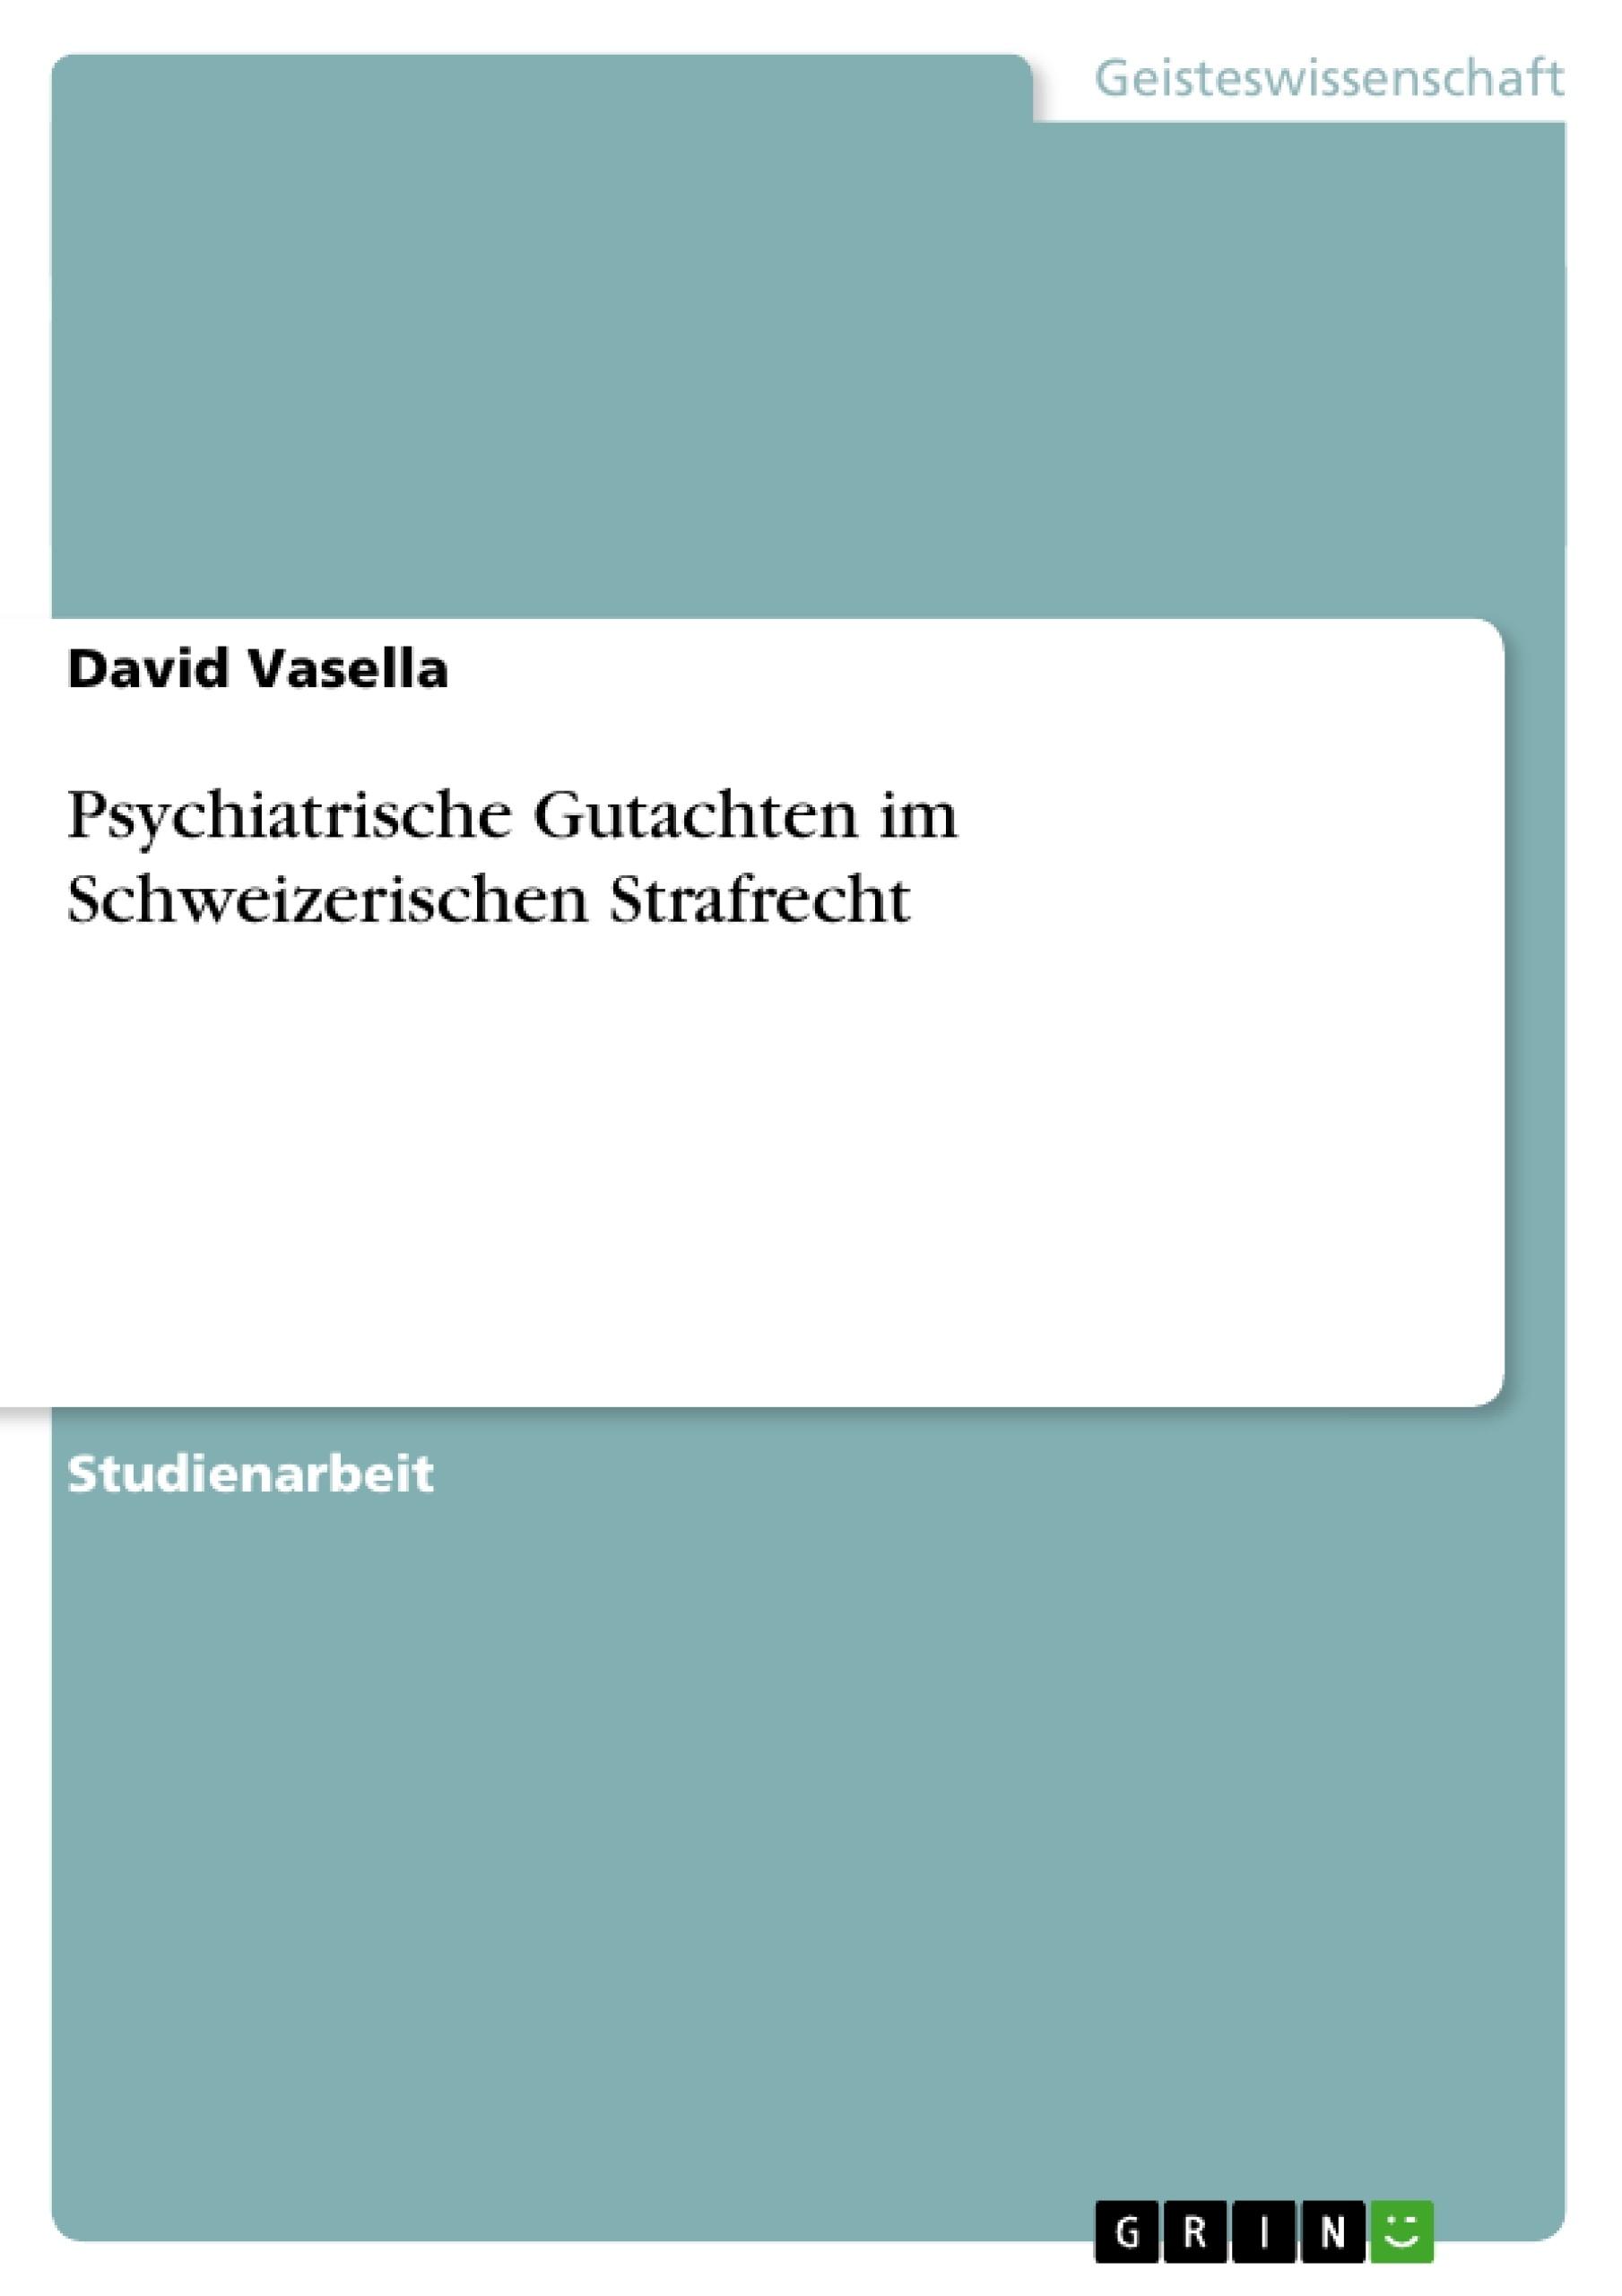 Titel: Psychiatrische Gutachten im Schweizerischen Strafrecht